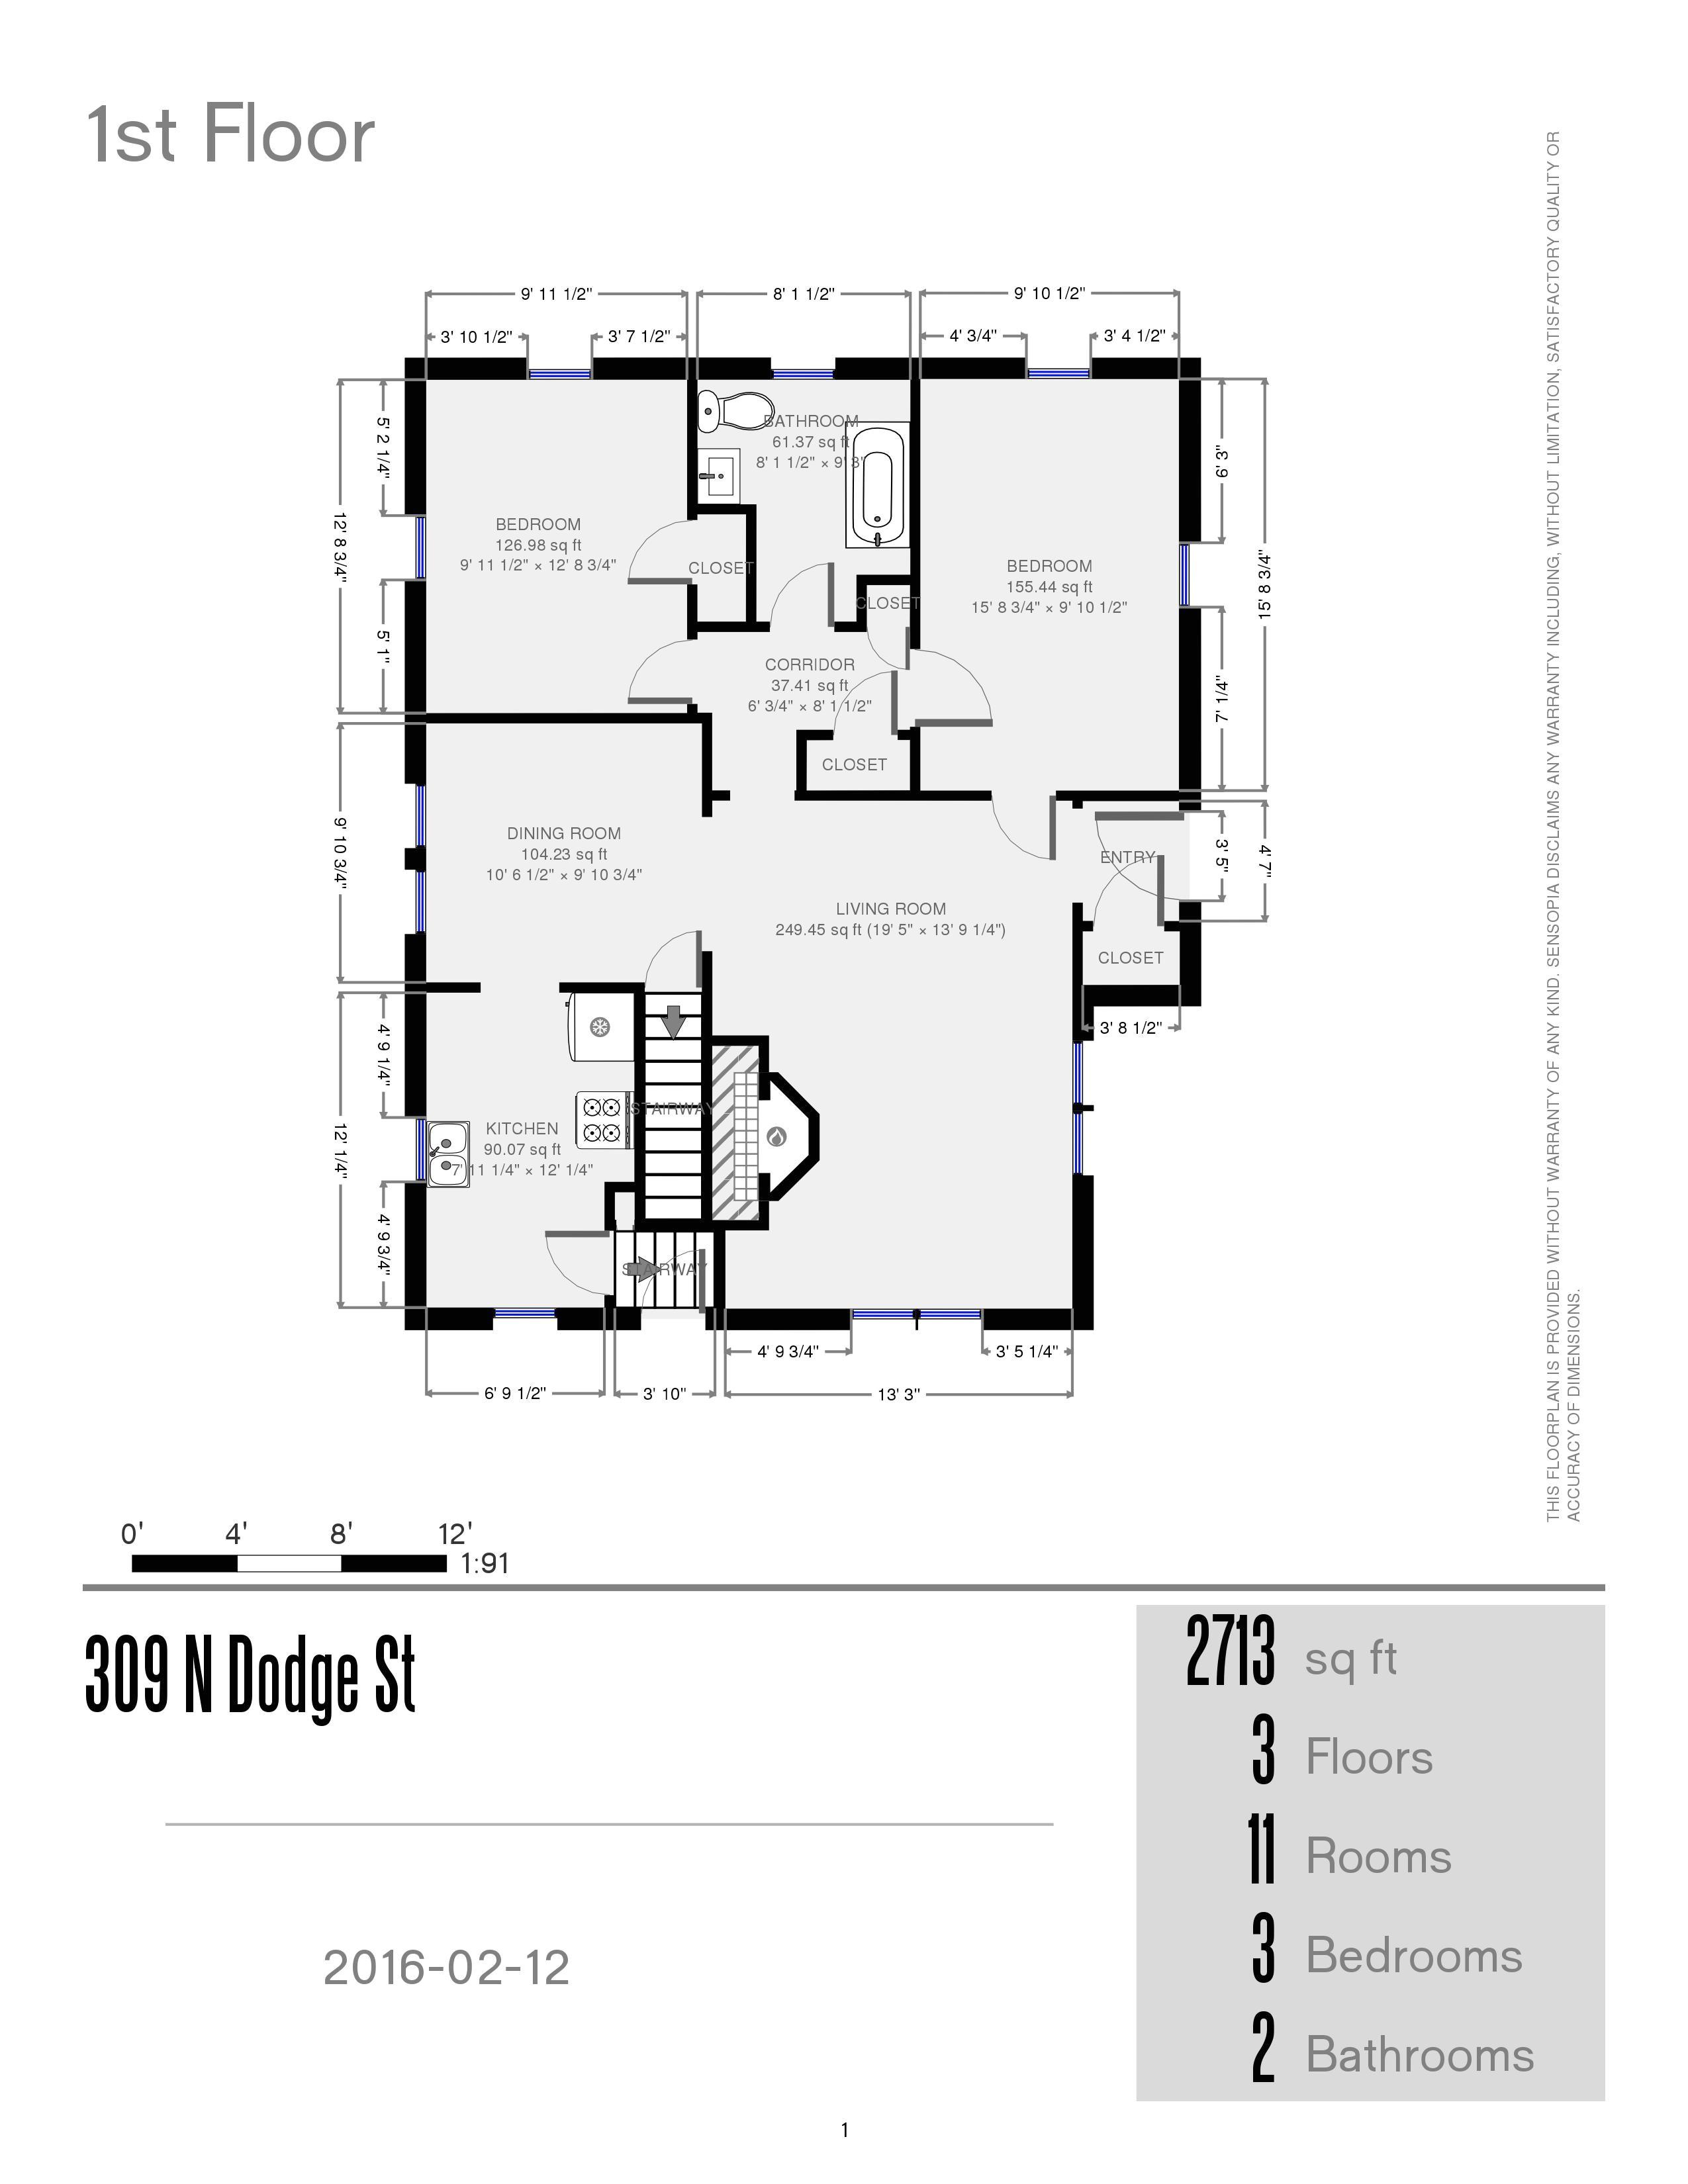 309 n dodge house 3br2ba